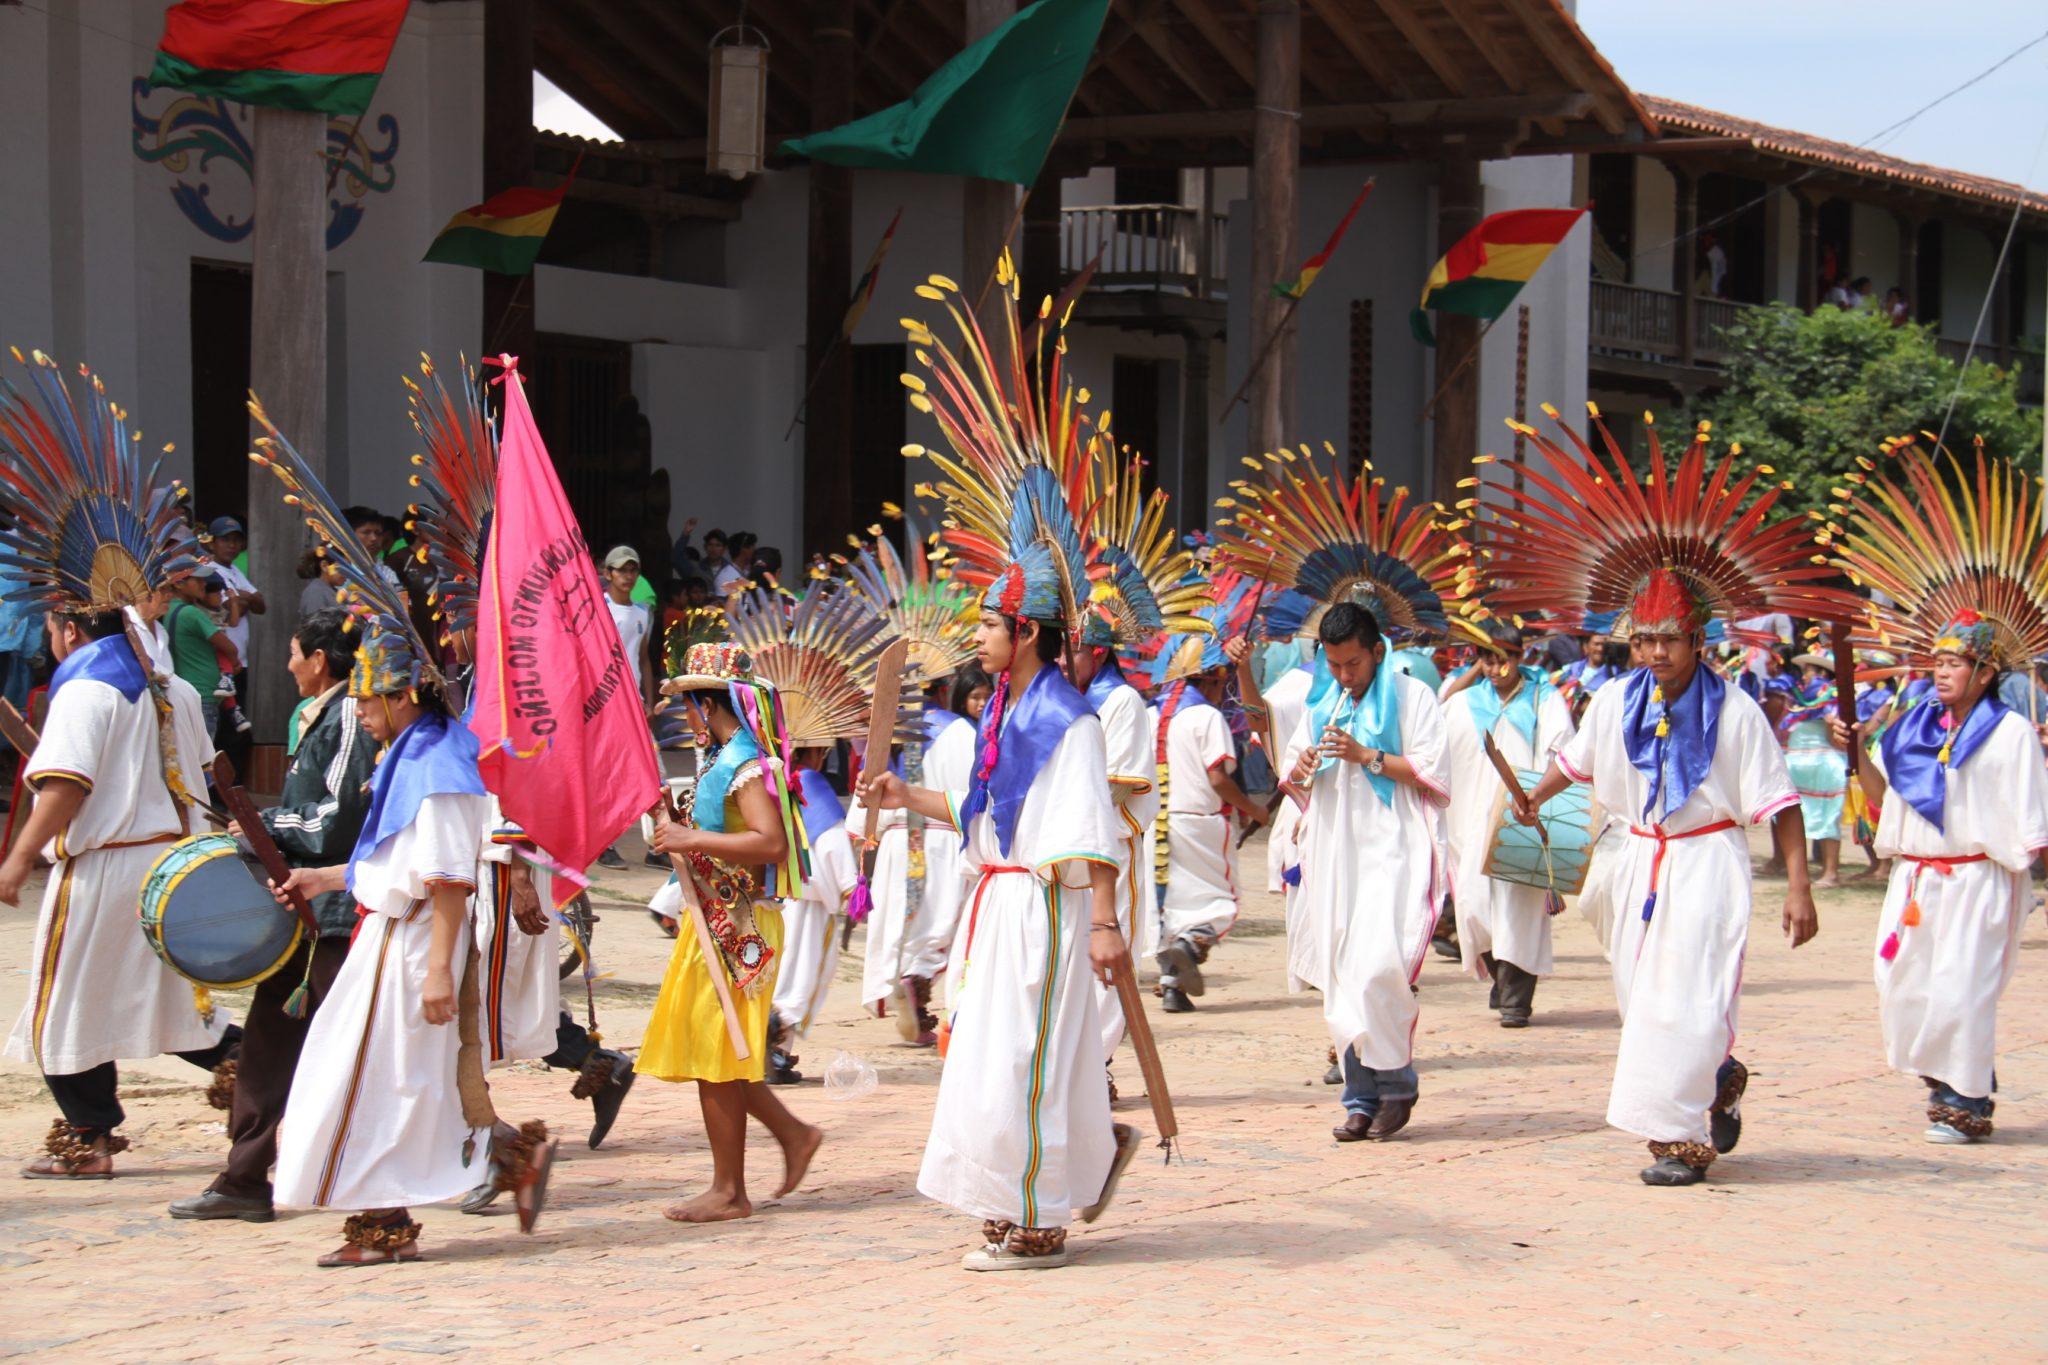 People dancing Macheteros on the street